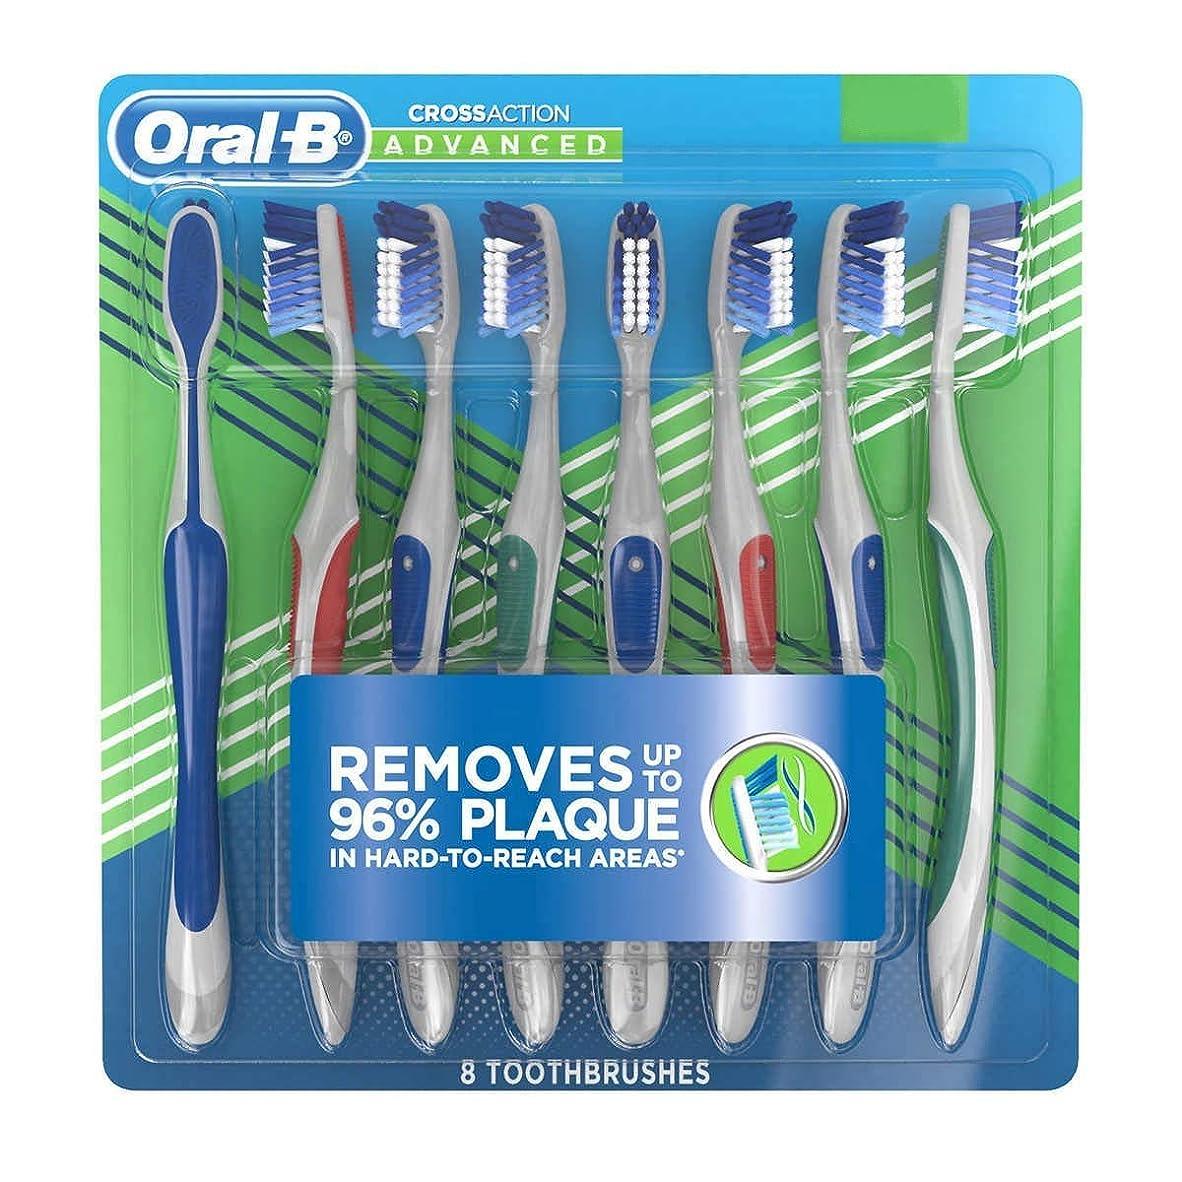 コマンド謙虚な核Oral-B Pro-Health Cross Action Advanced Toothbrush 8-pack SOFT オーラルB プロヘルス クロスアクション アドバンスド 歯ブラシ8本セット(ソフトタイプ)